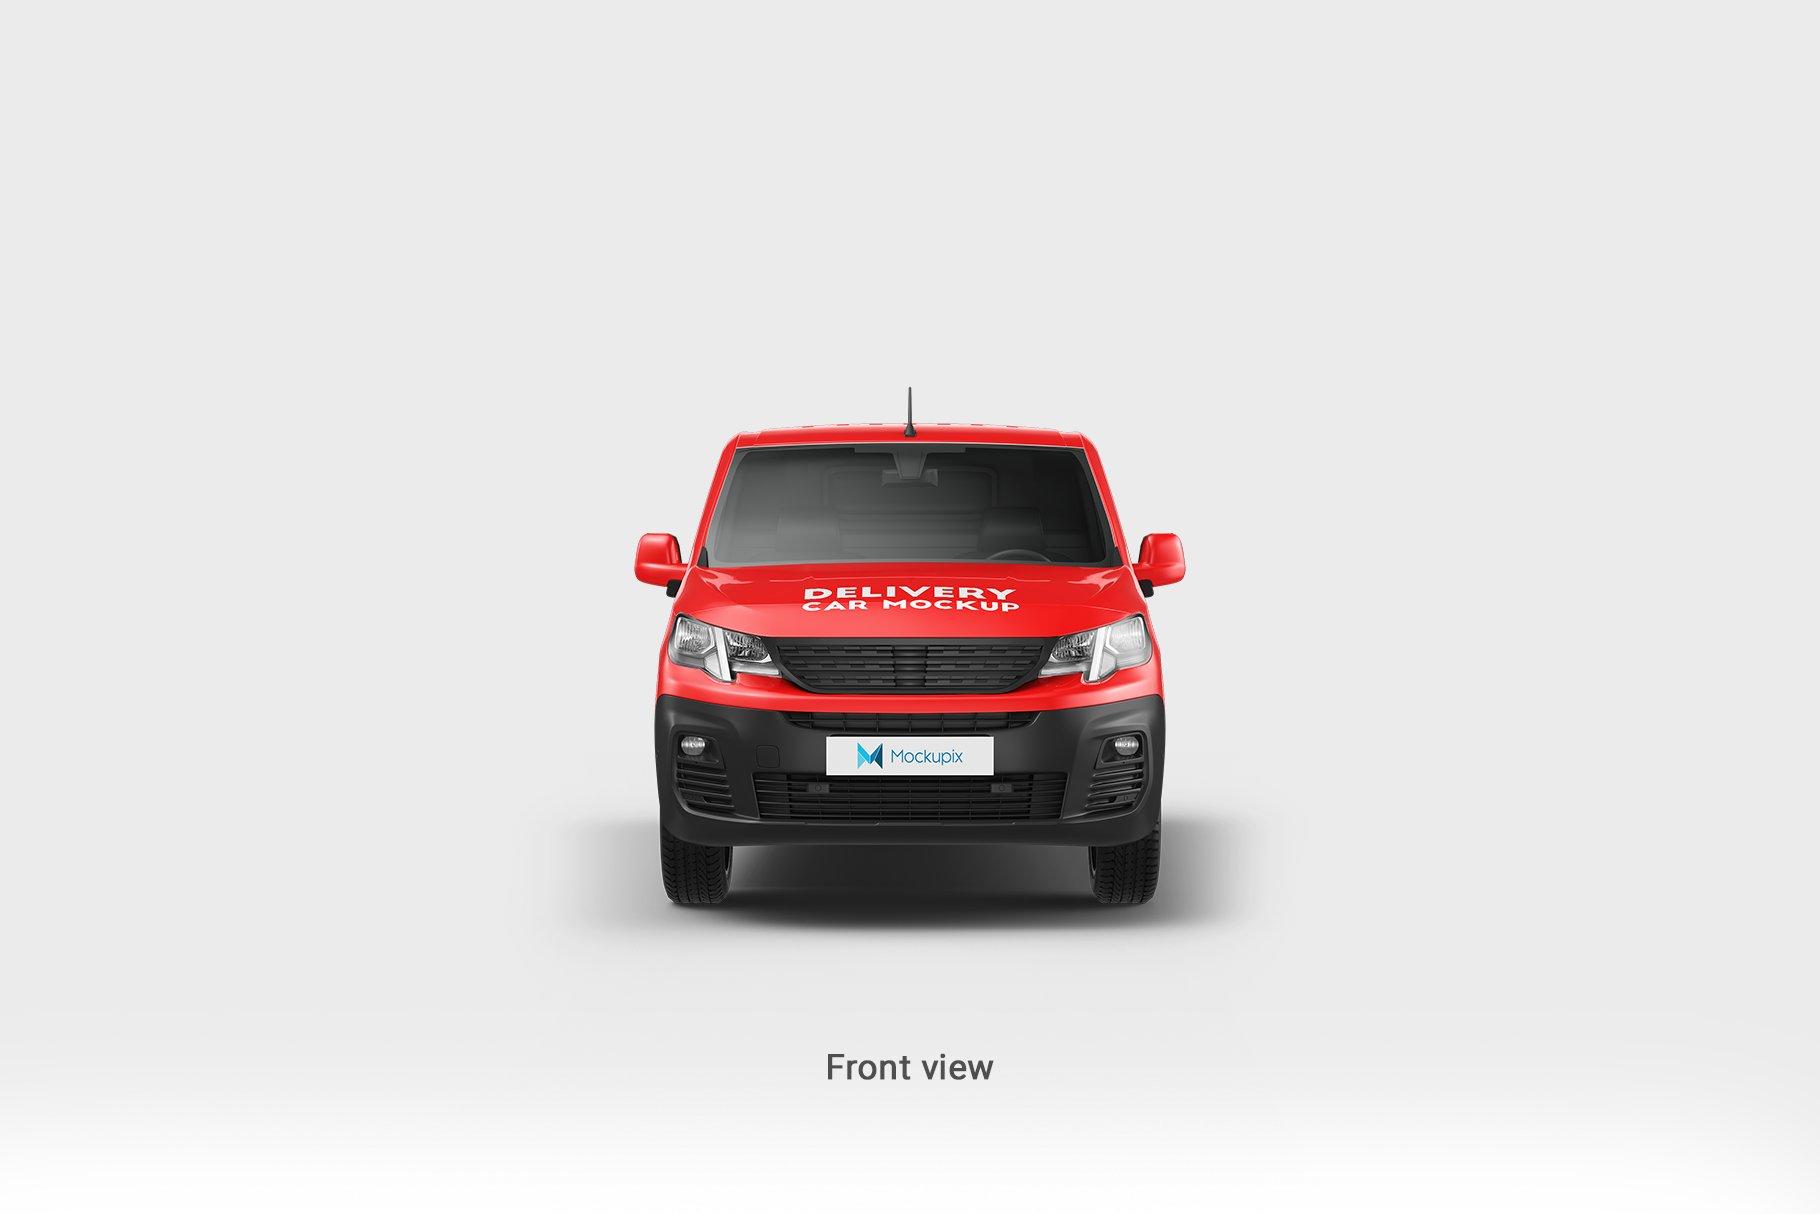 6款送货车面包车车身广告设计展示贴图样机 Delivery Car Mockup 5插图5